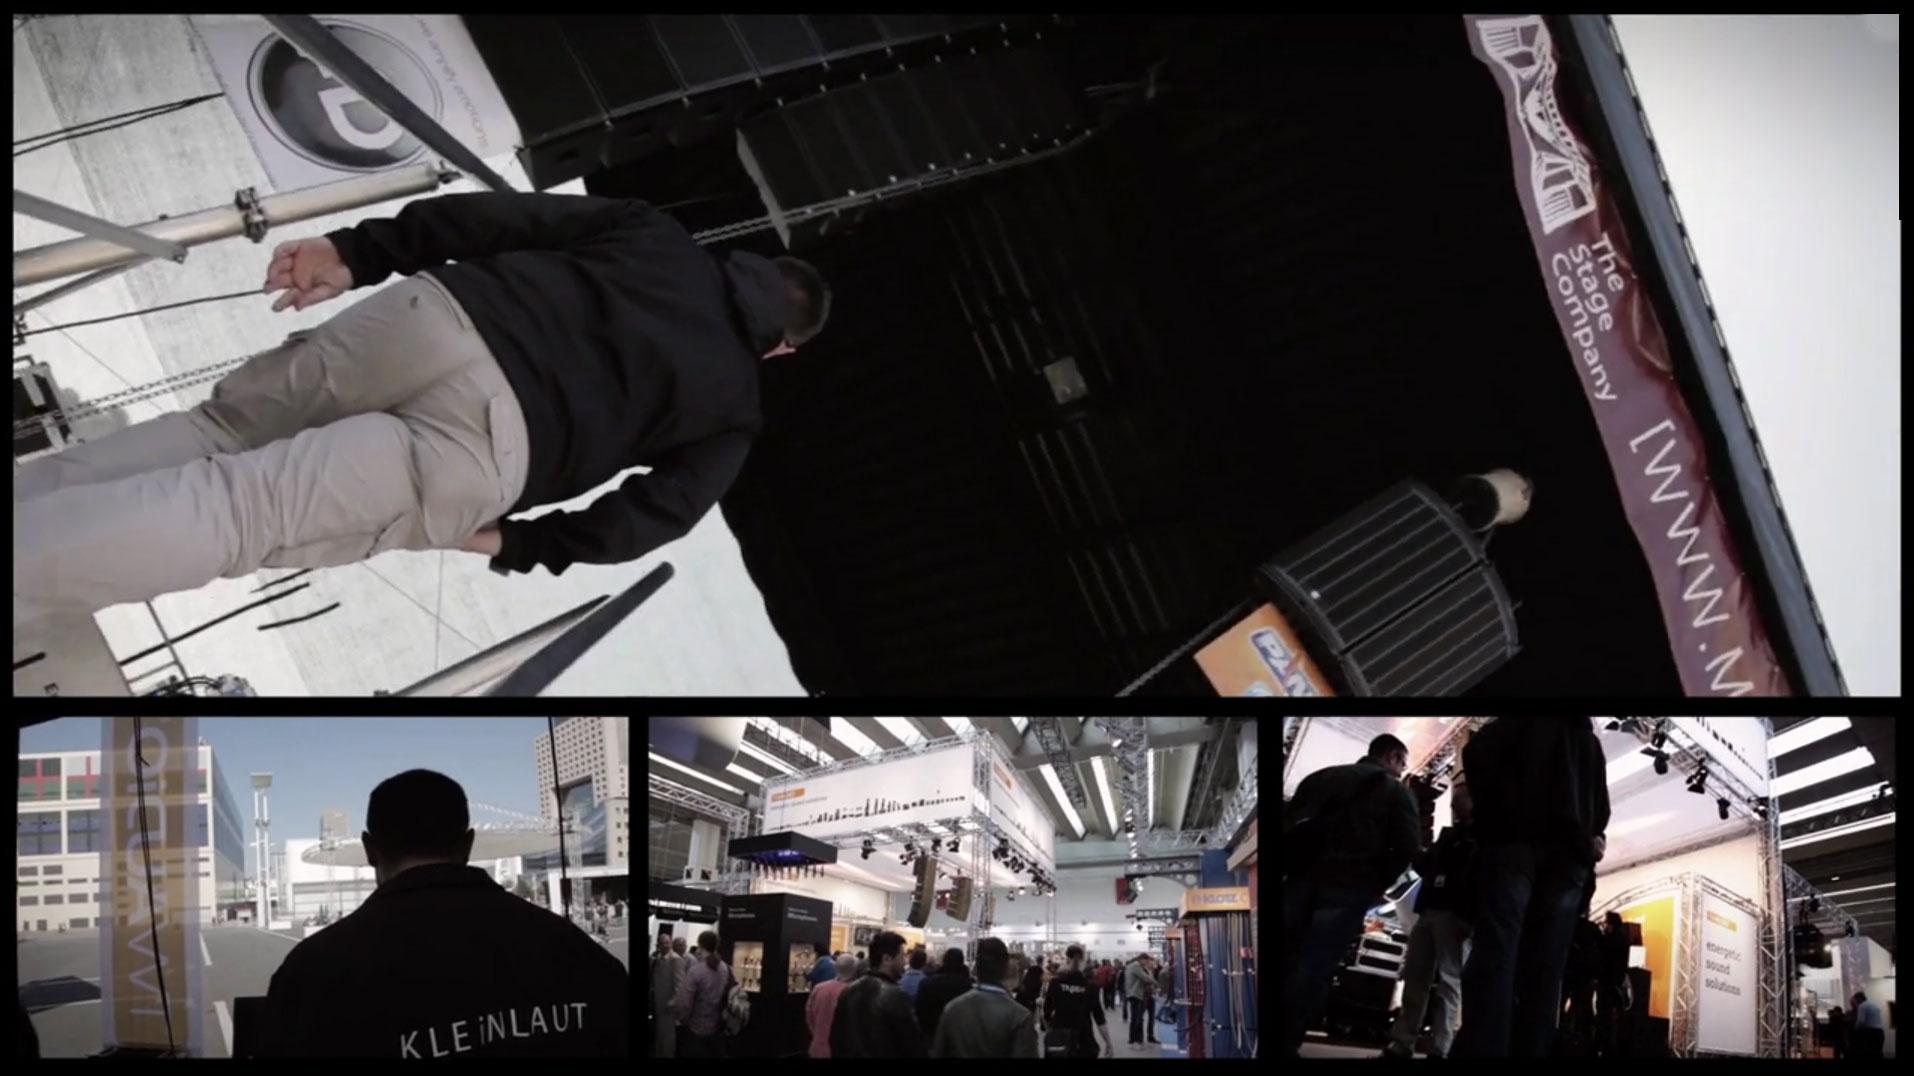 75a entwickelt für TW AUDiO aus Ludwigsburg ein Messevideo von der Pro Light and Sound